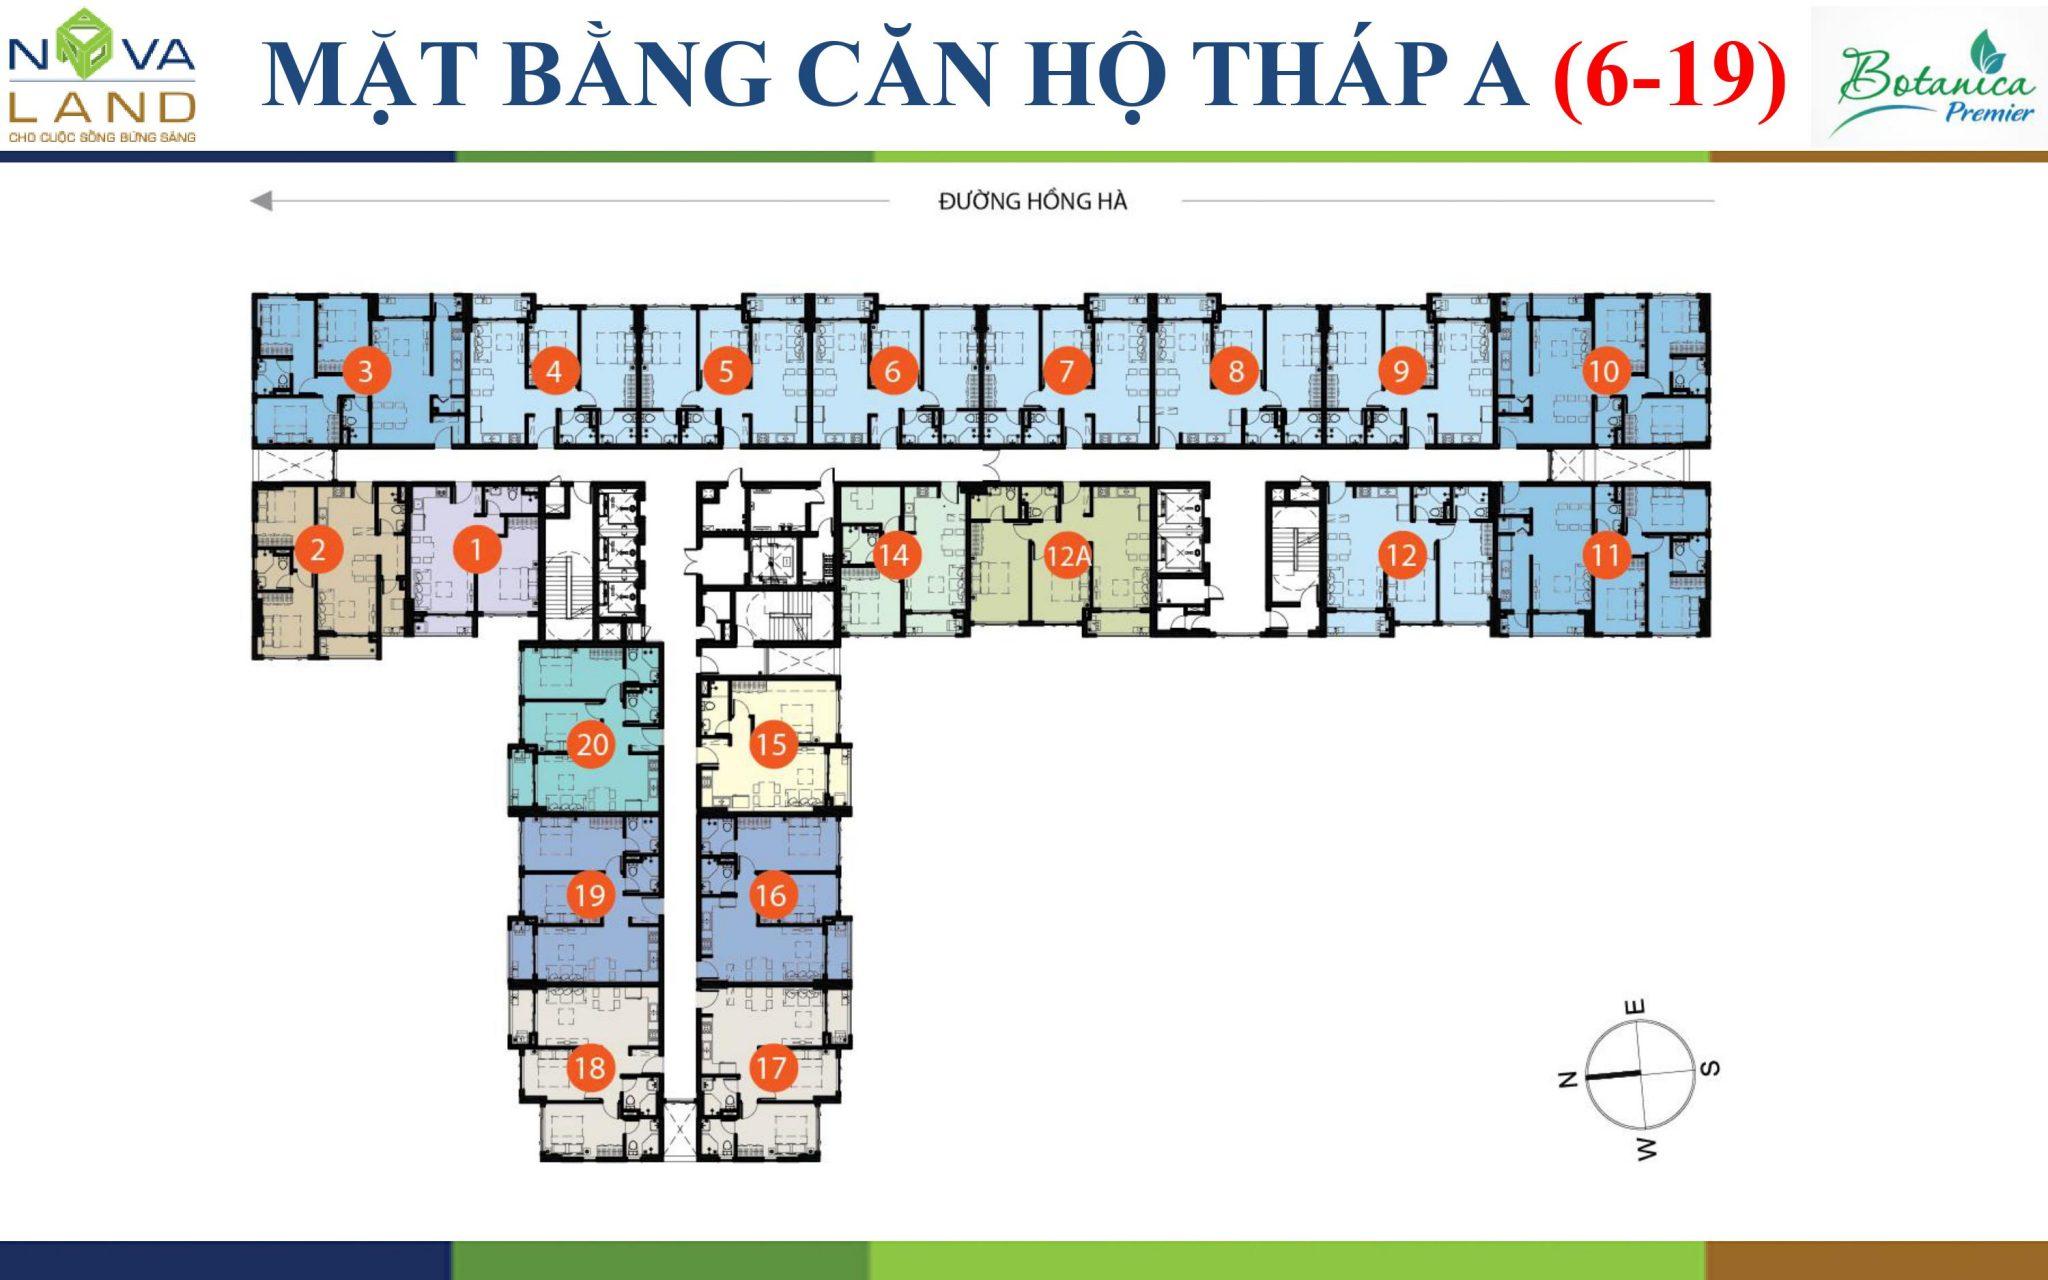 mat-bang-thap-a-botanica-premier